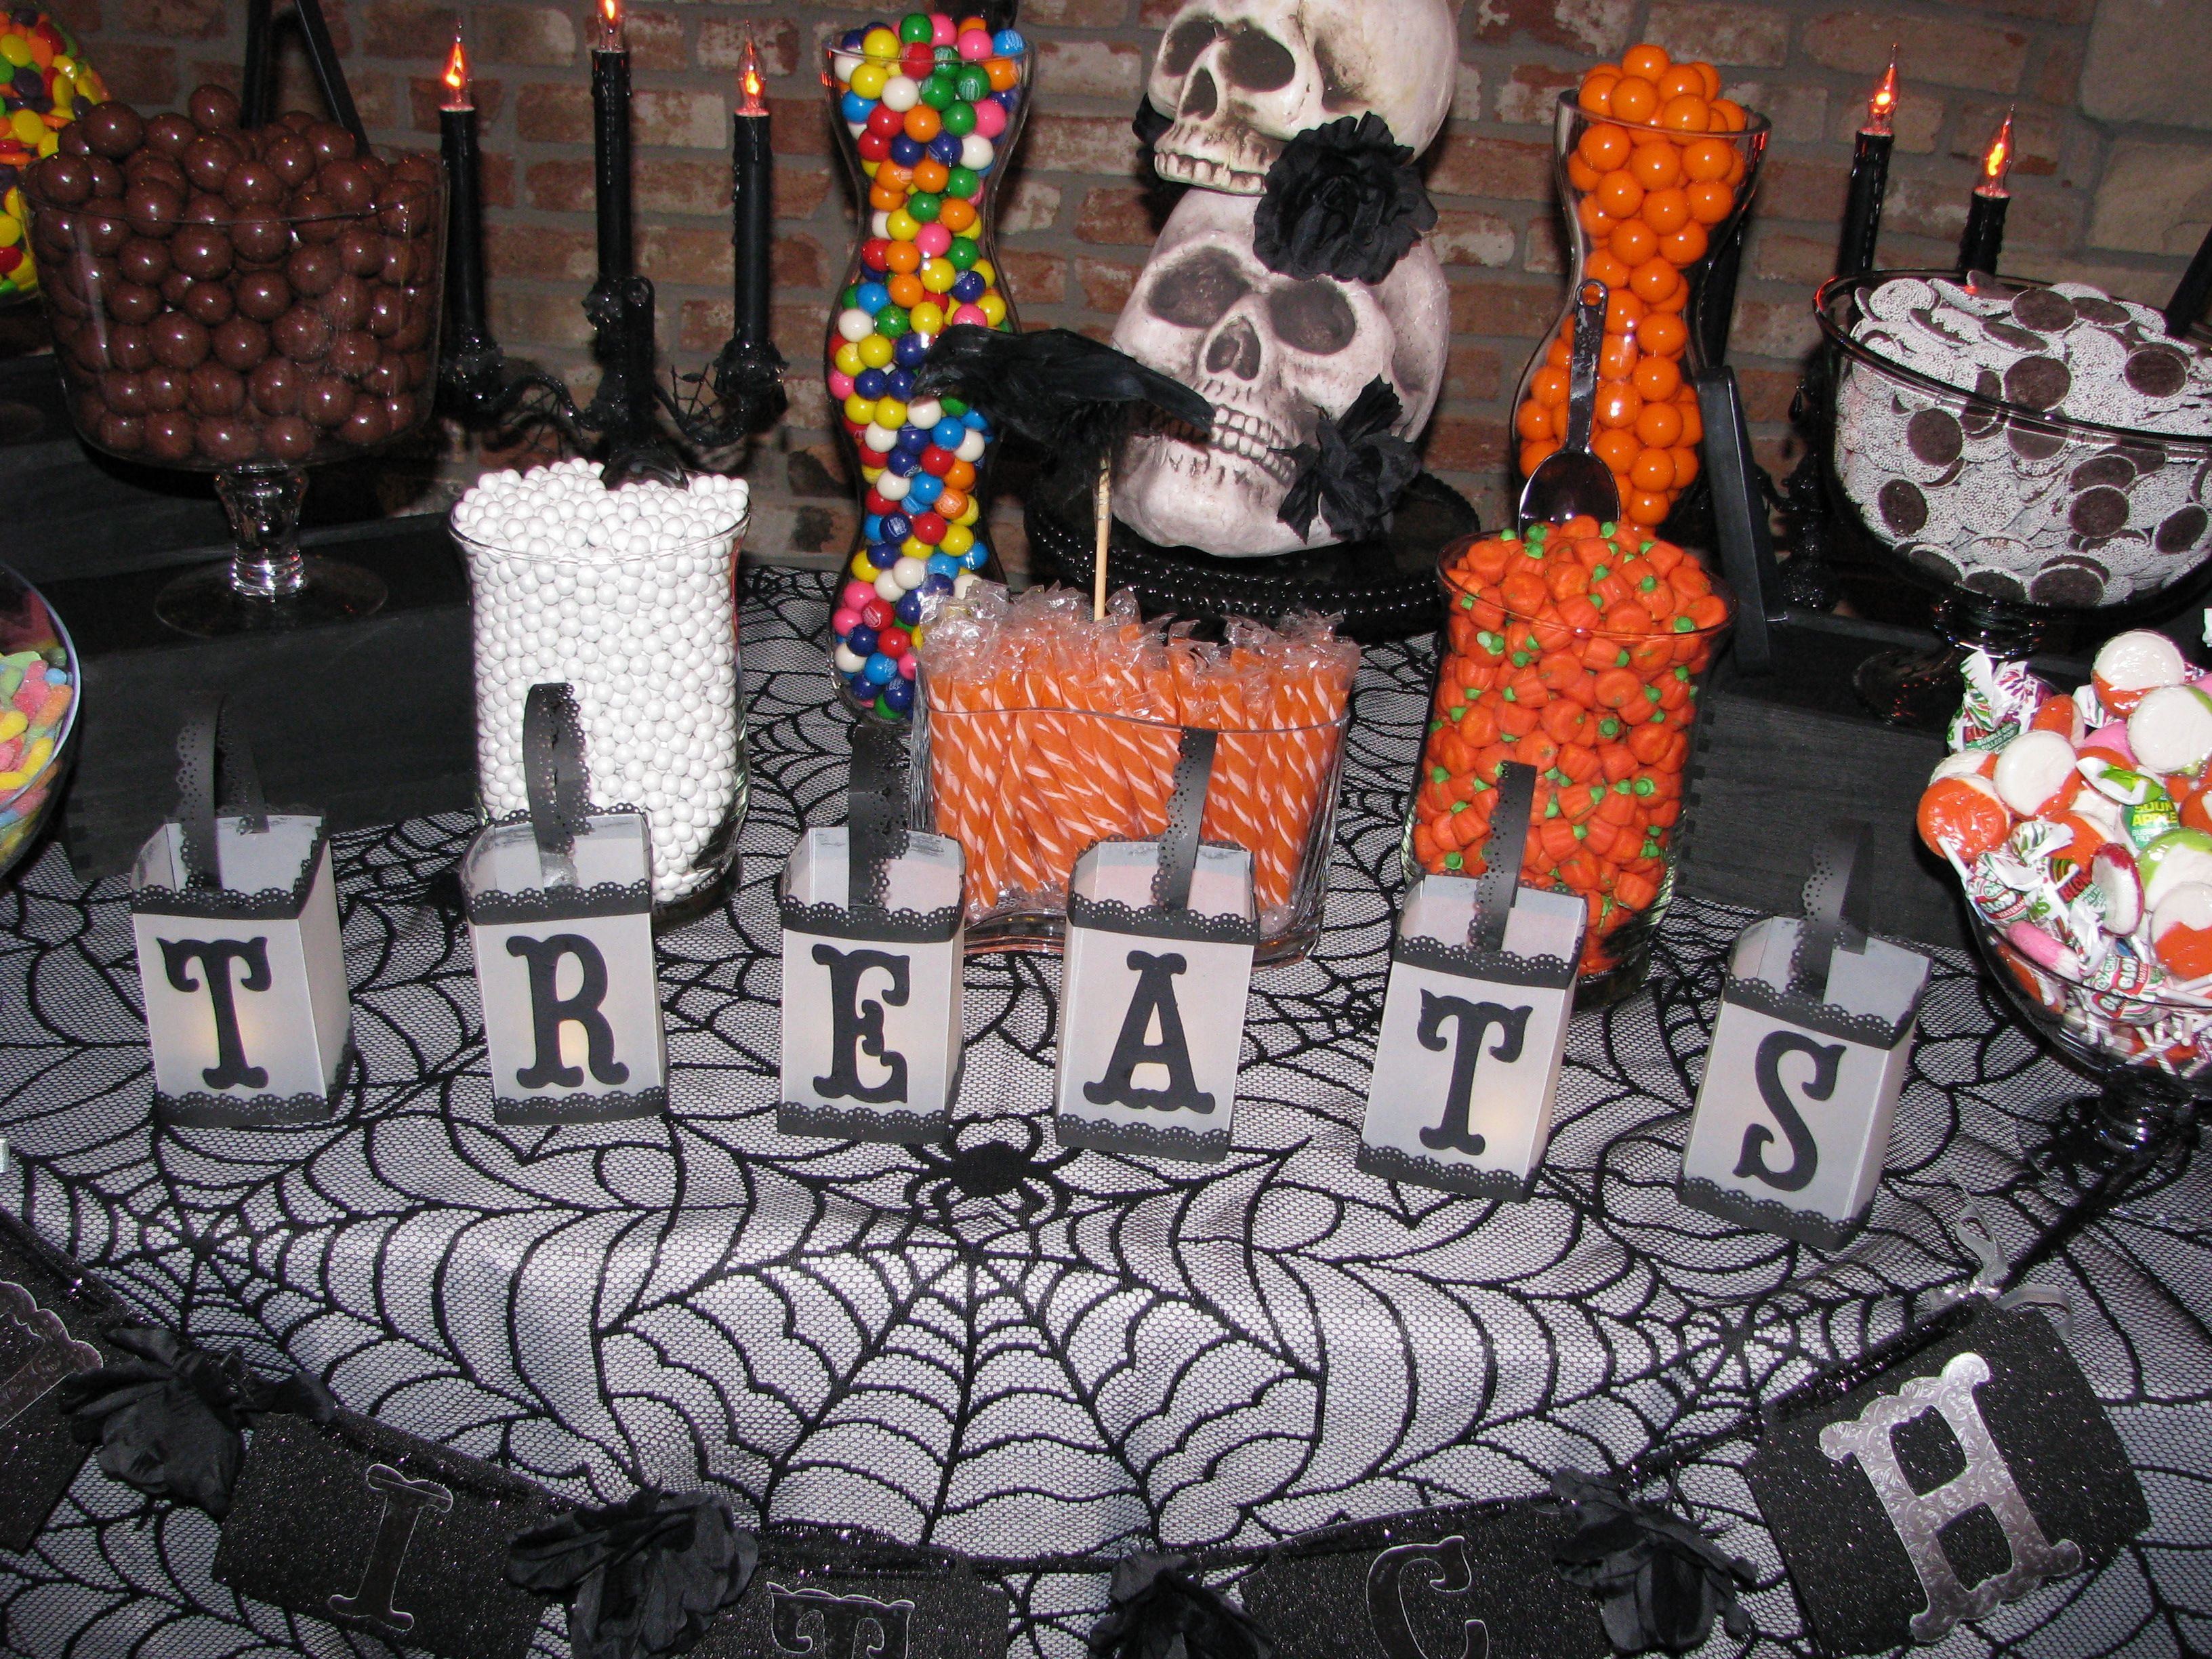 Halloween buffet table - Halloween Candy Buffet